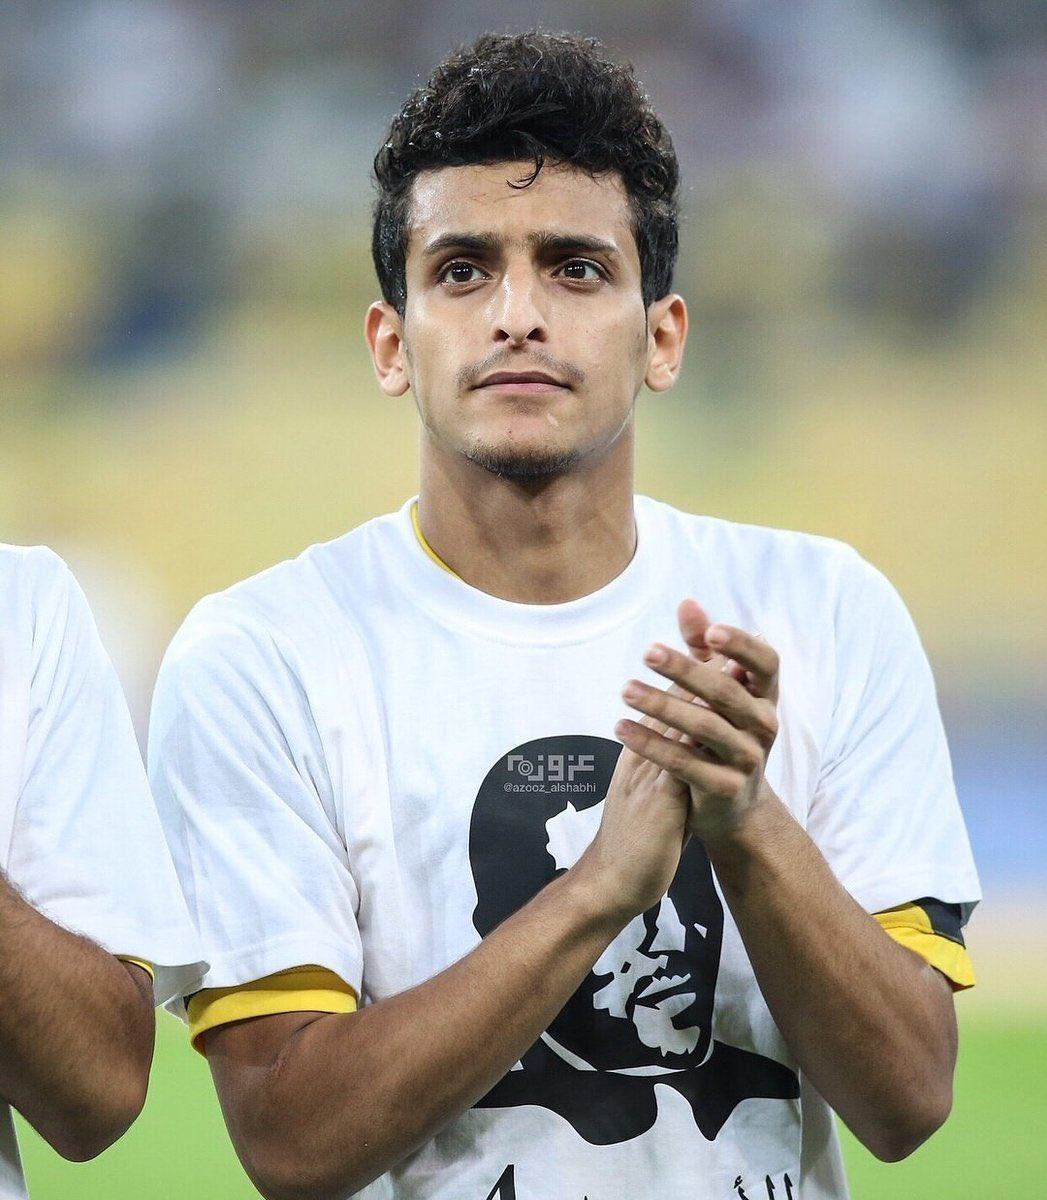 اللاعب (محمد ريمان) خارج قائمة الفريق الأول بنادي #الاتحاد الموسم المقبل